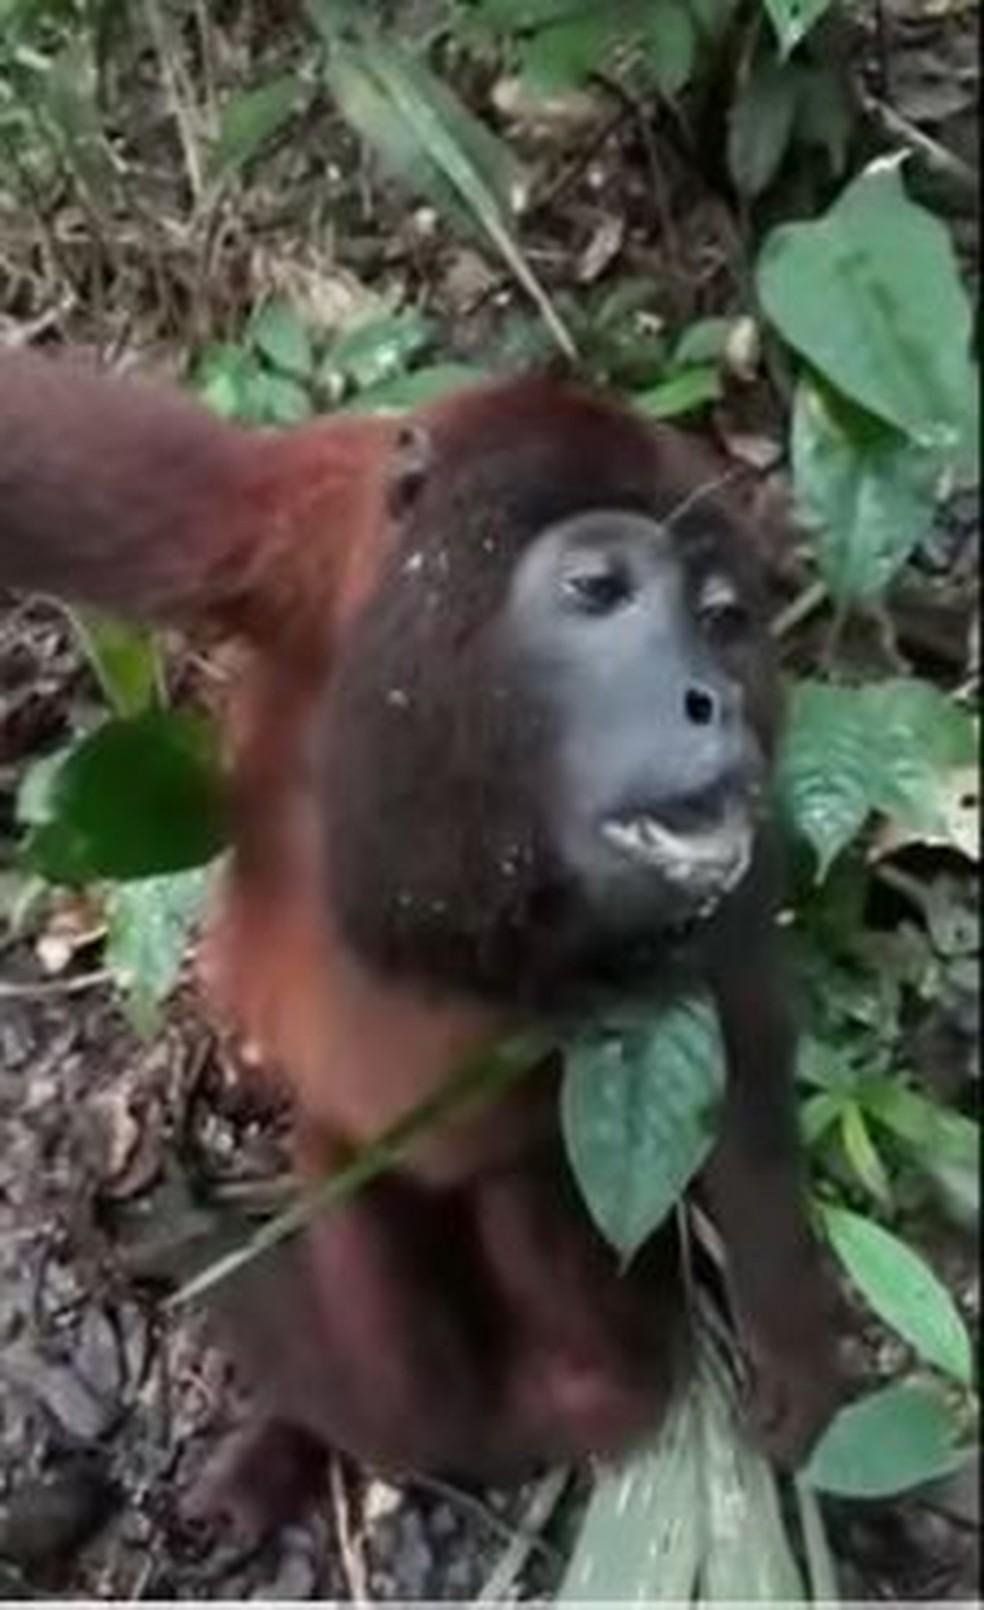 Macaco encontrado em floresta de Plácido de Castro foi achado ofegante — Foto: Reprodução